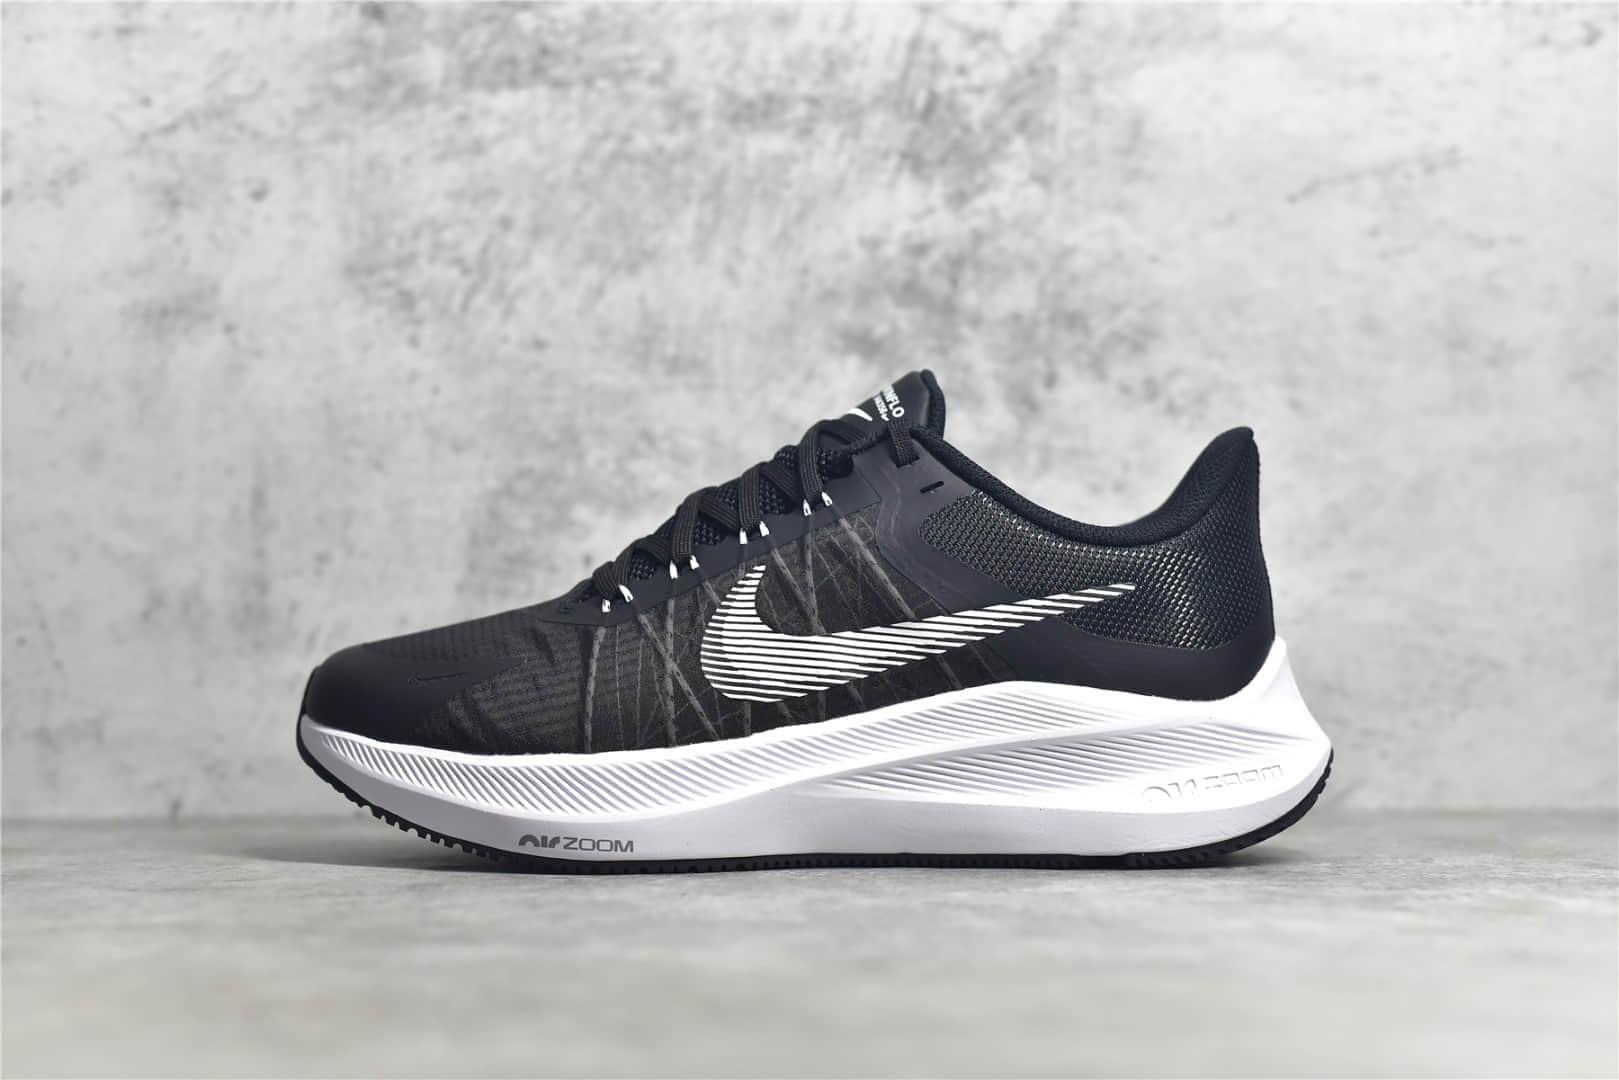 耐克登月8代黑色轻跑鞋 Nike Air Zoom Winflo 8代 耐克网面新款轻跑鞋 货号:CW3419-006-潮流者之家